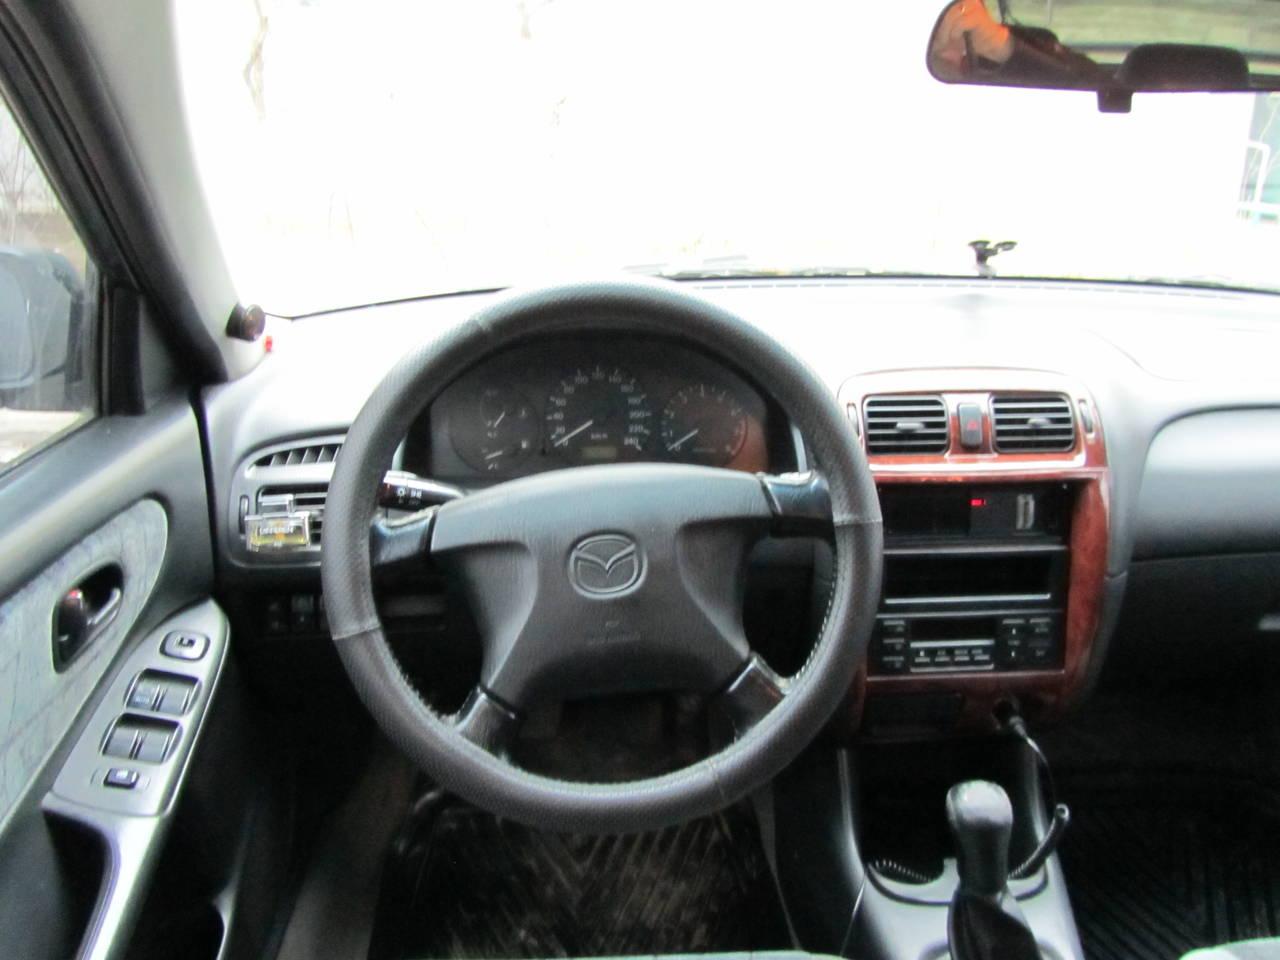 обзор машины mazda 626, 1998